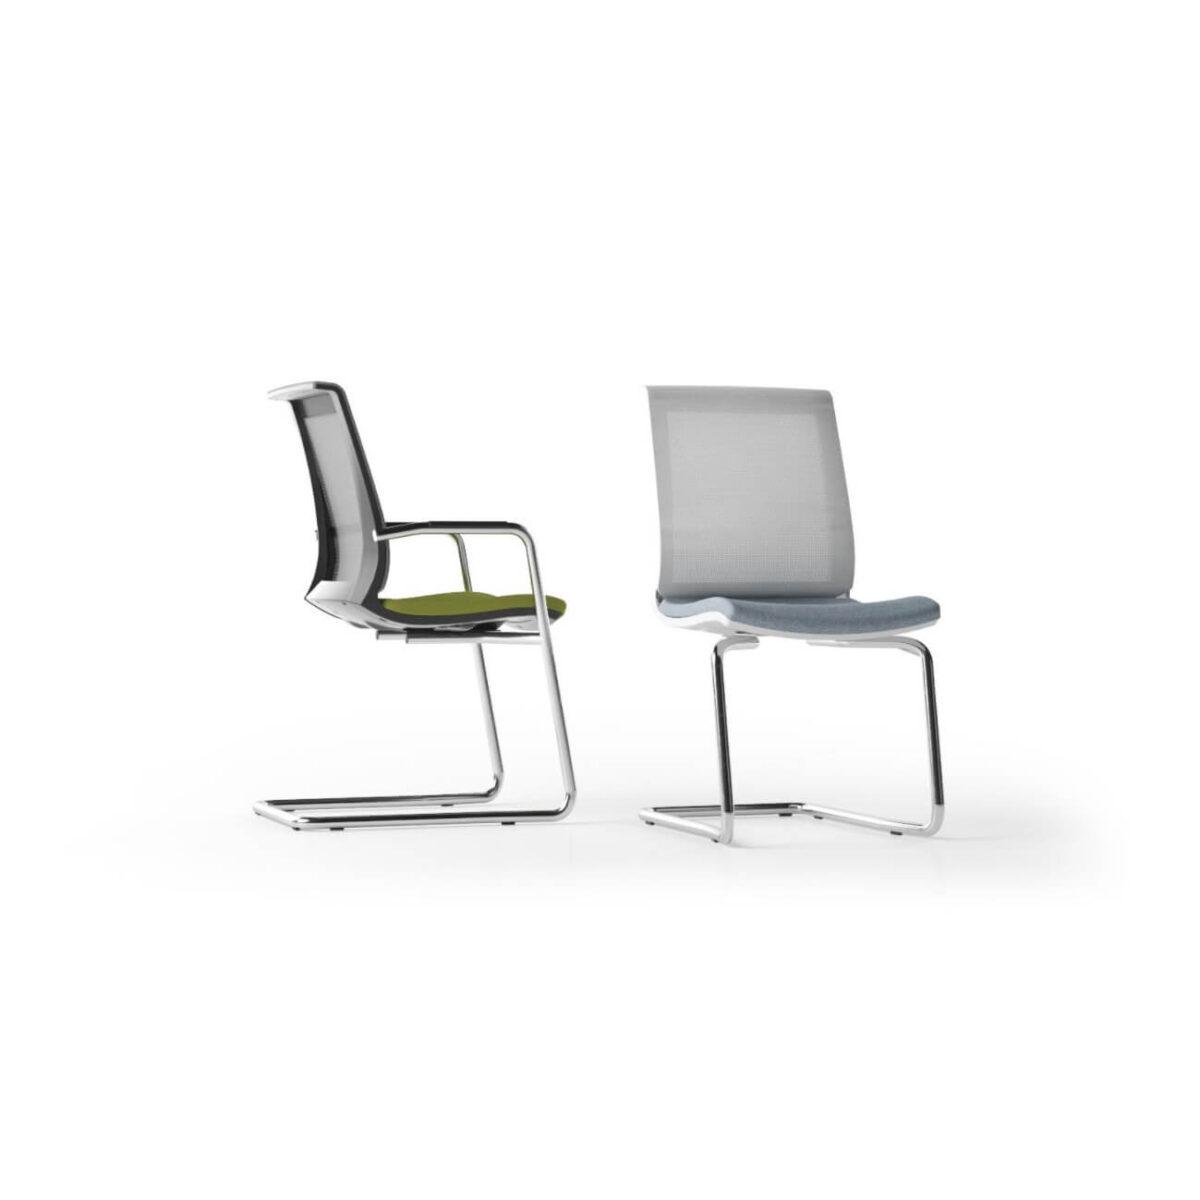 scaun vizitator mesh